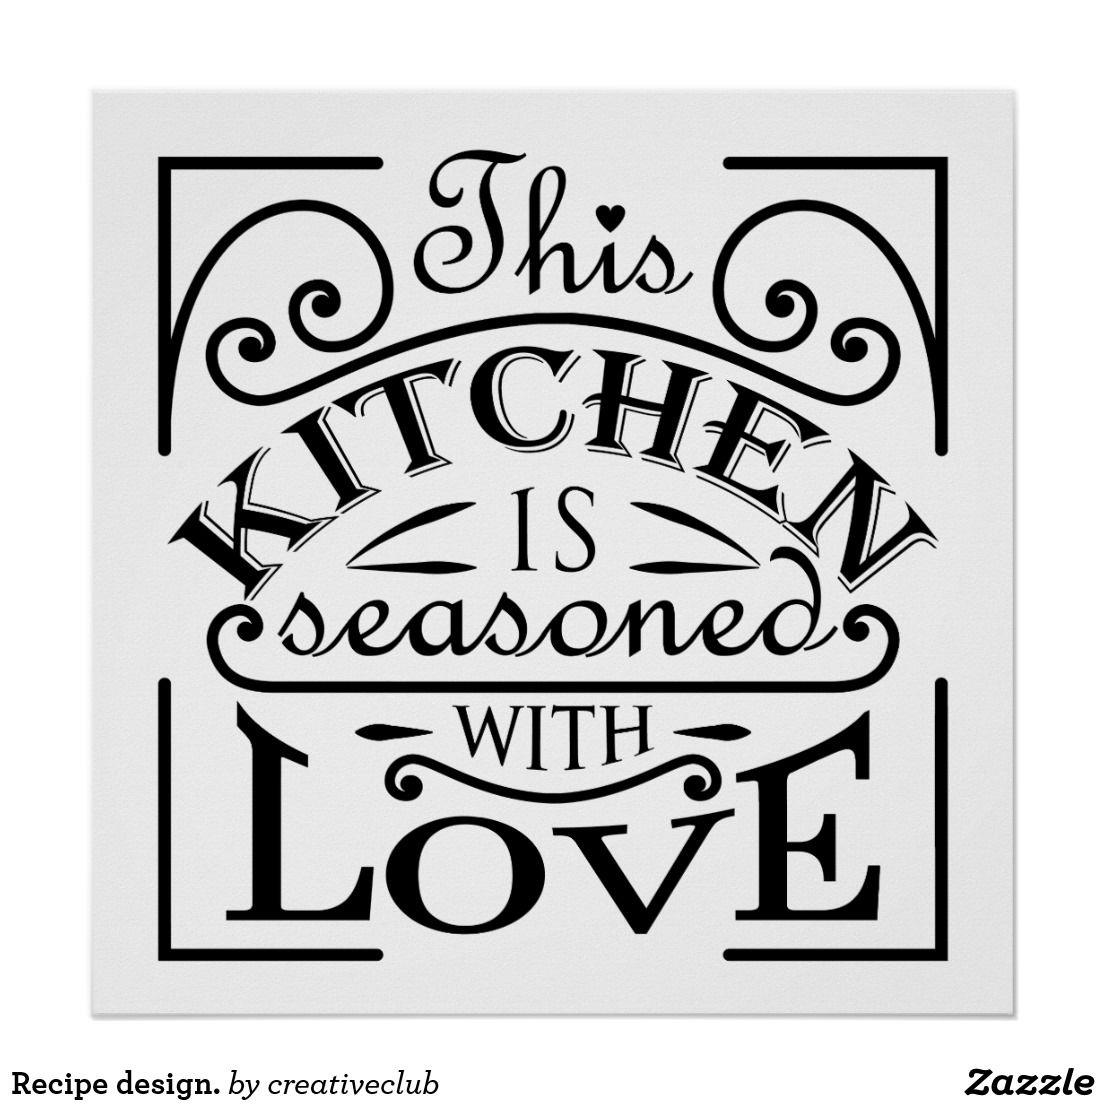 Kitchen Quote Design Poster Zazzle Com In 2021 Kitchen Quotes Kitchen Quotes Decor Design Quotes